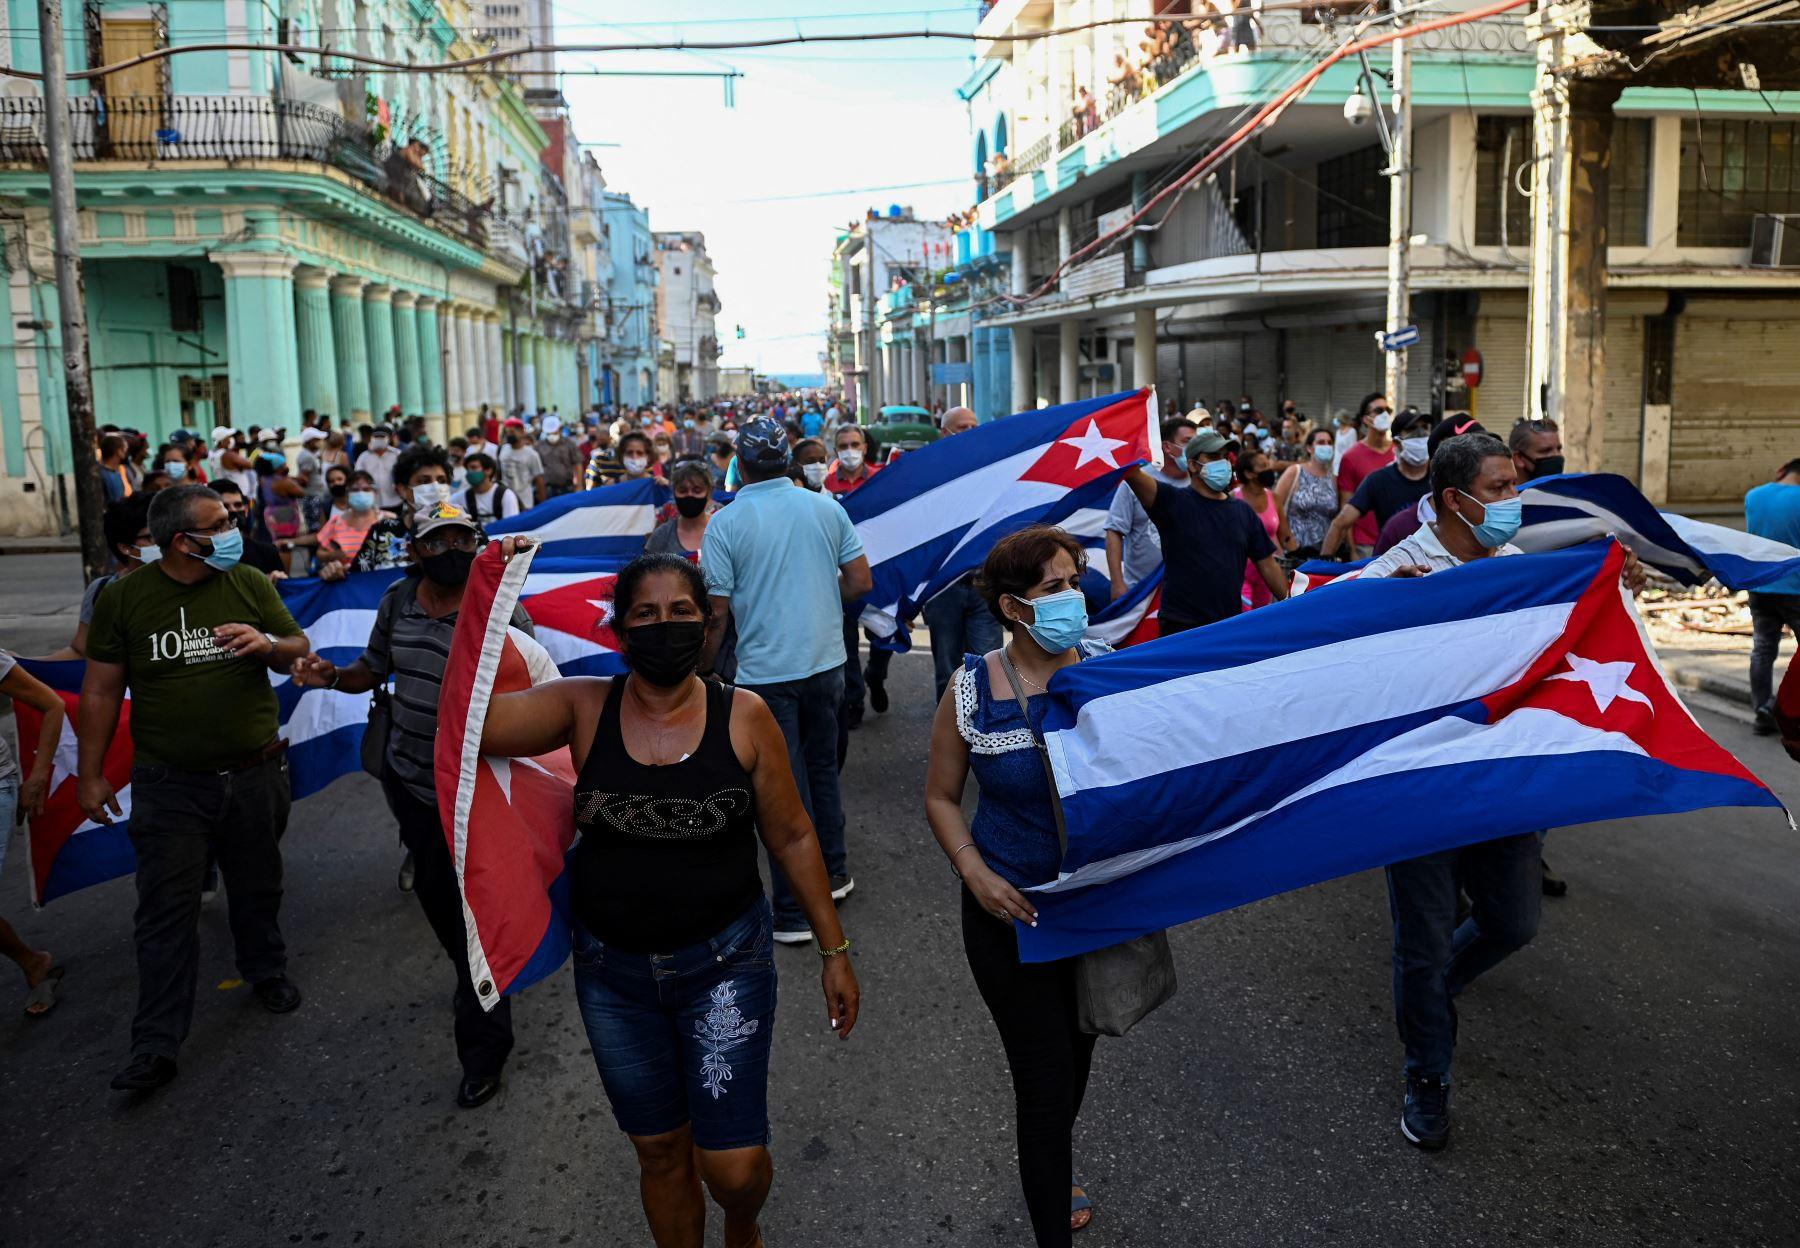 Gobierno cubano necesita ideas novedosas para evitar más protestas